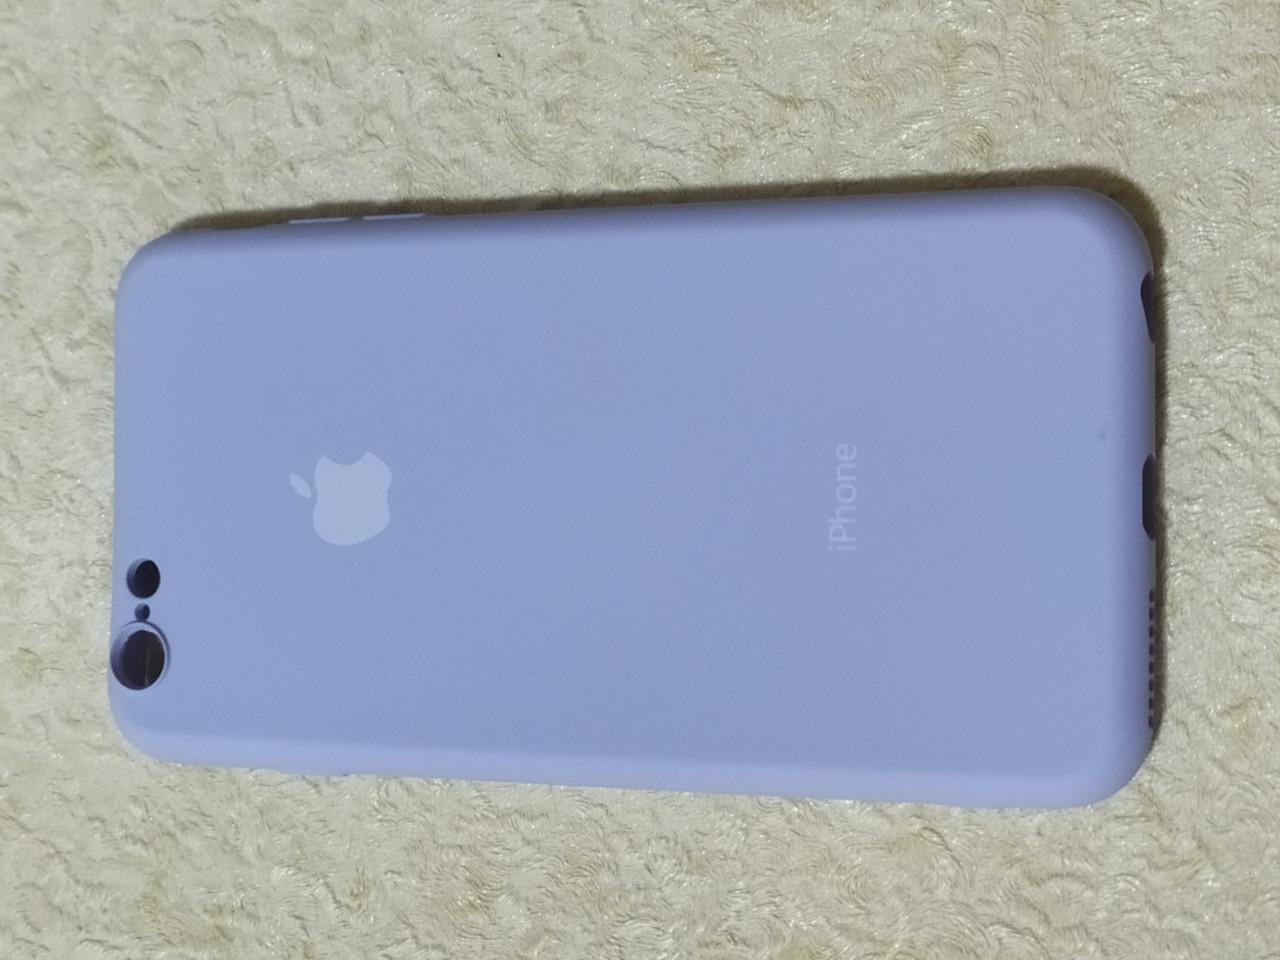 Накладка   Silicon Cover full   для    iPhone  6  Plus   (фиолетовый) Copy